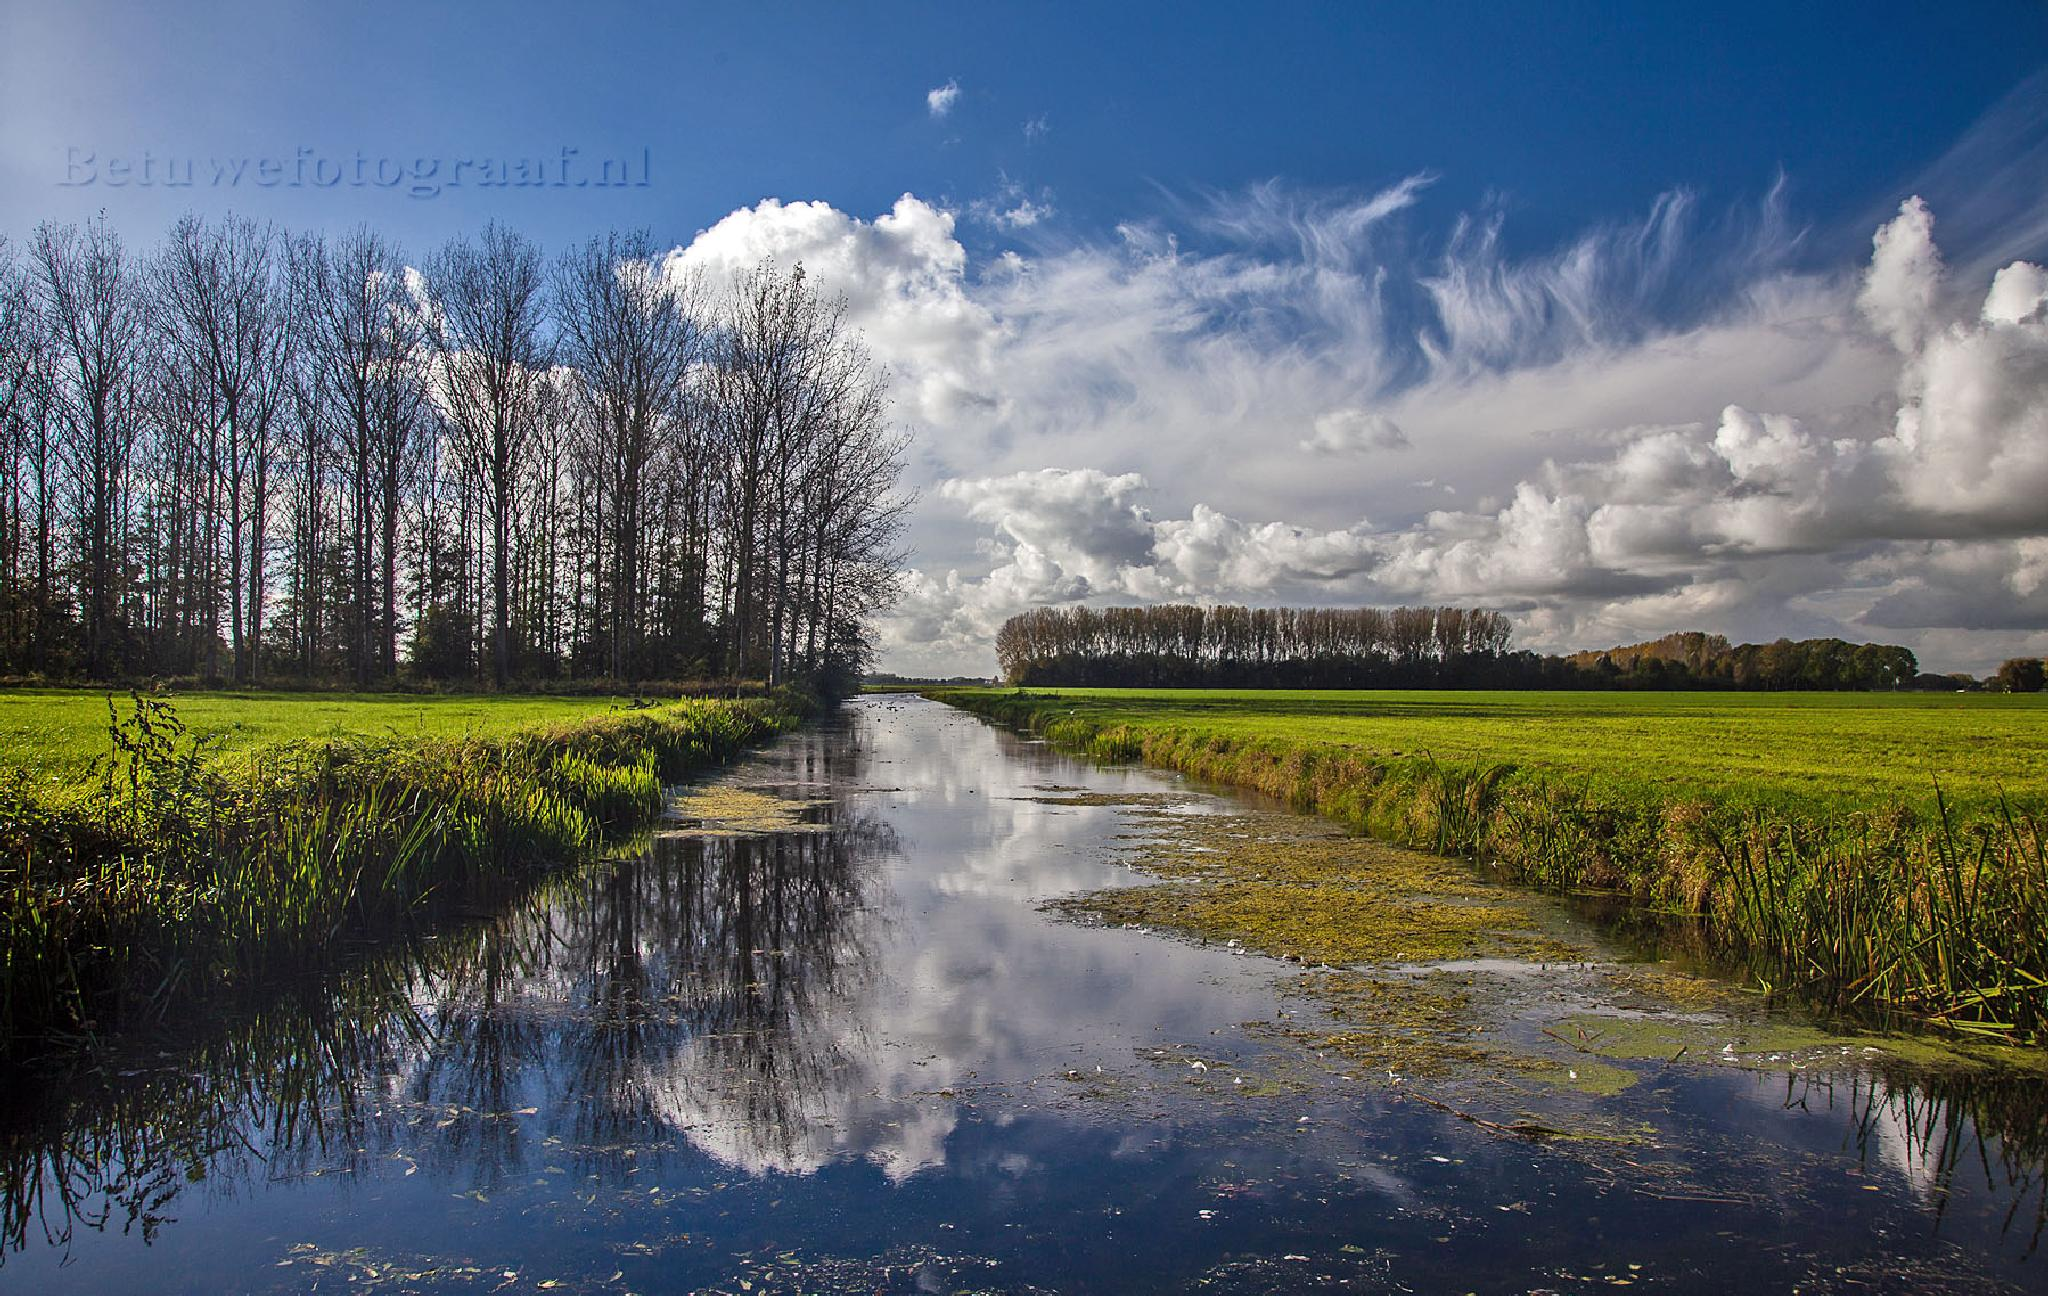 Clouds in Holland by Betuwefotograaf